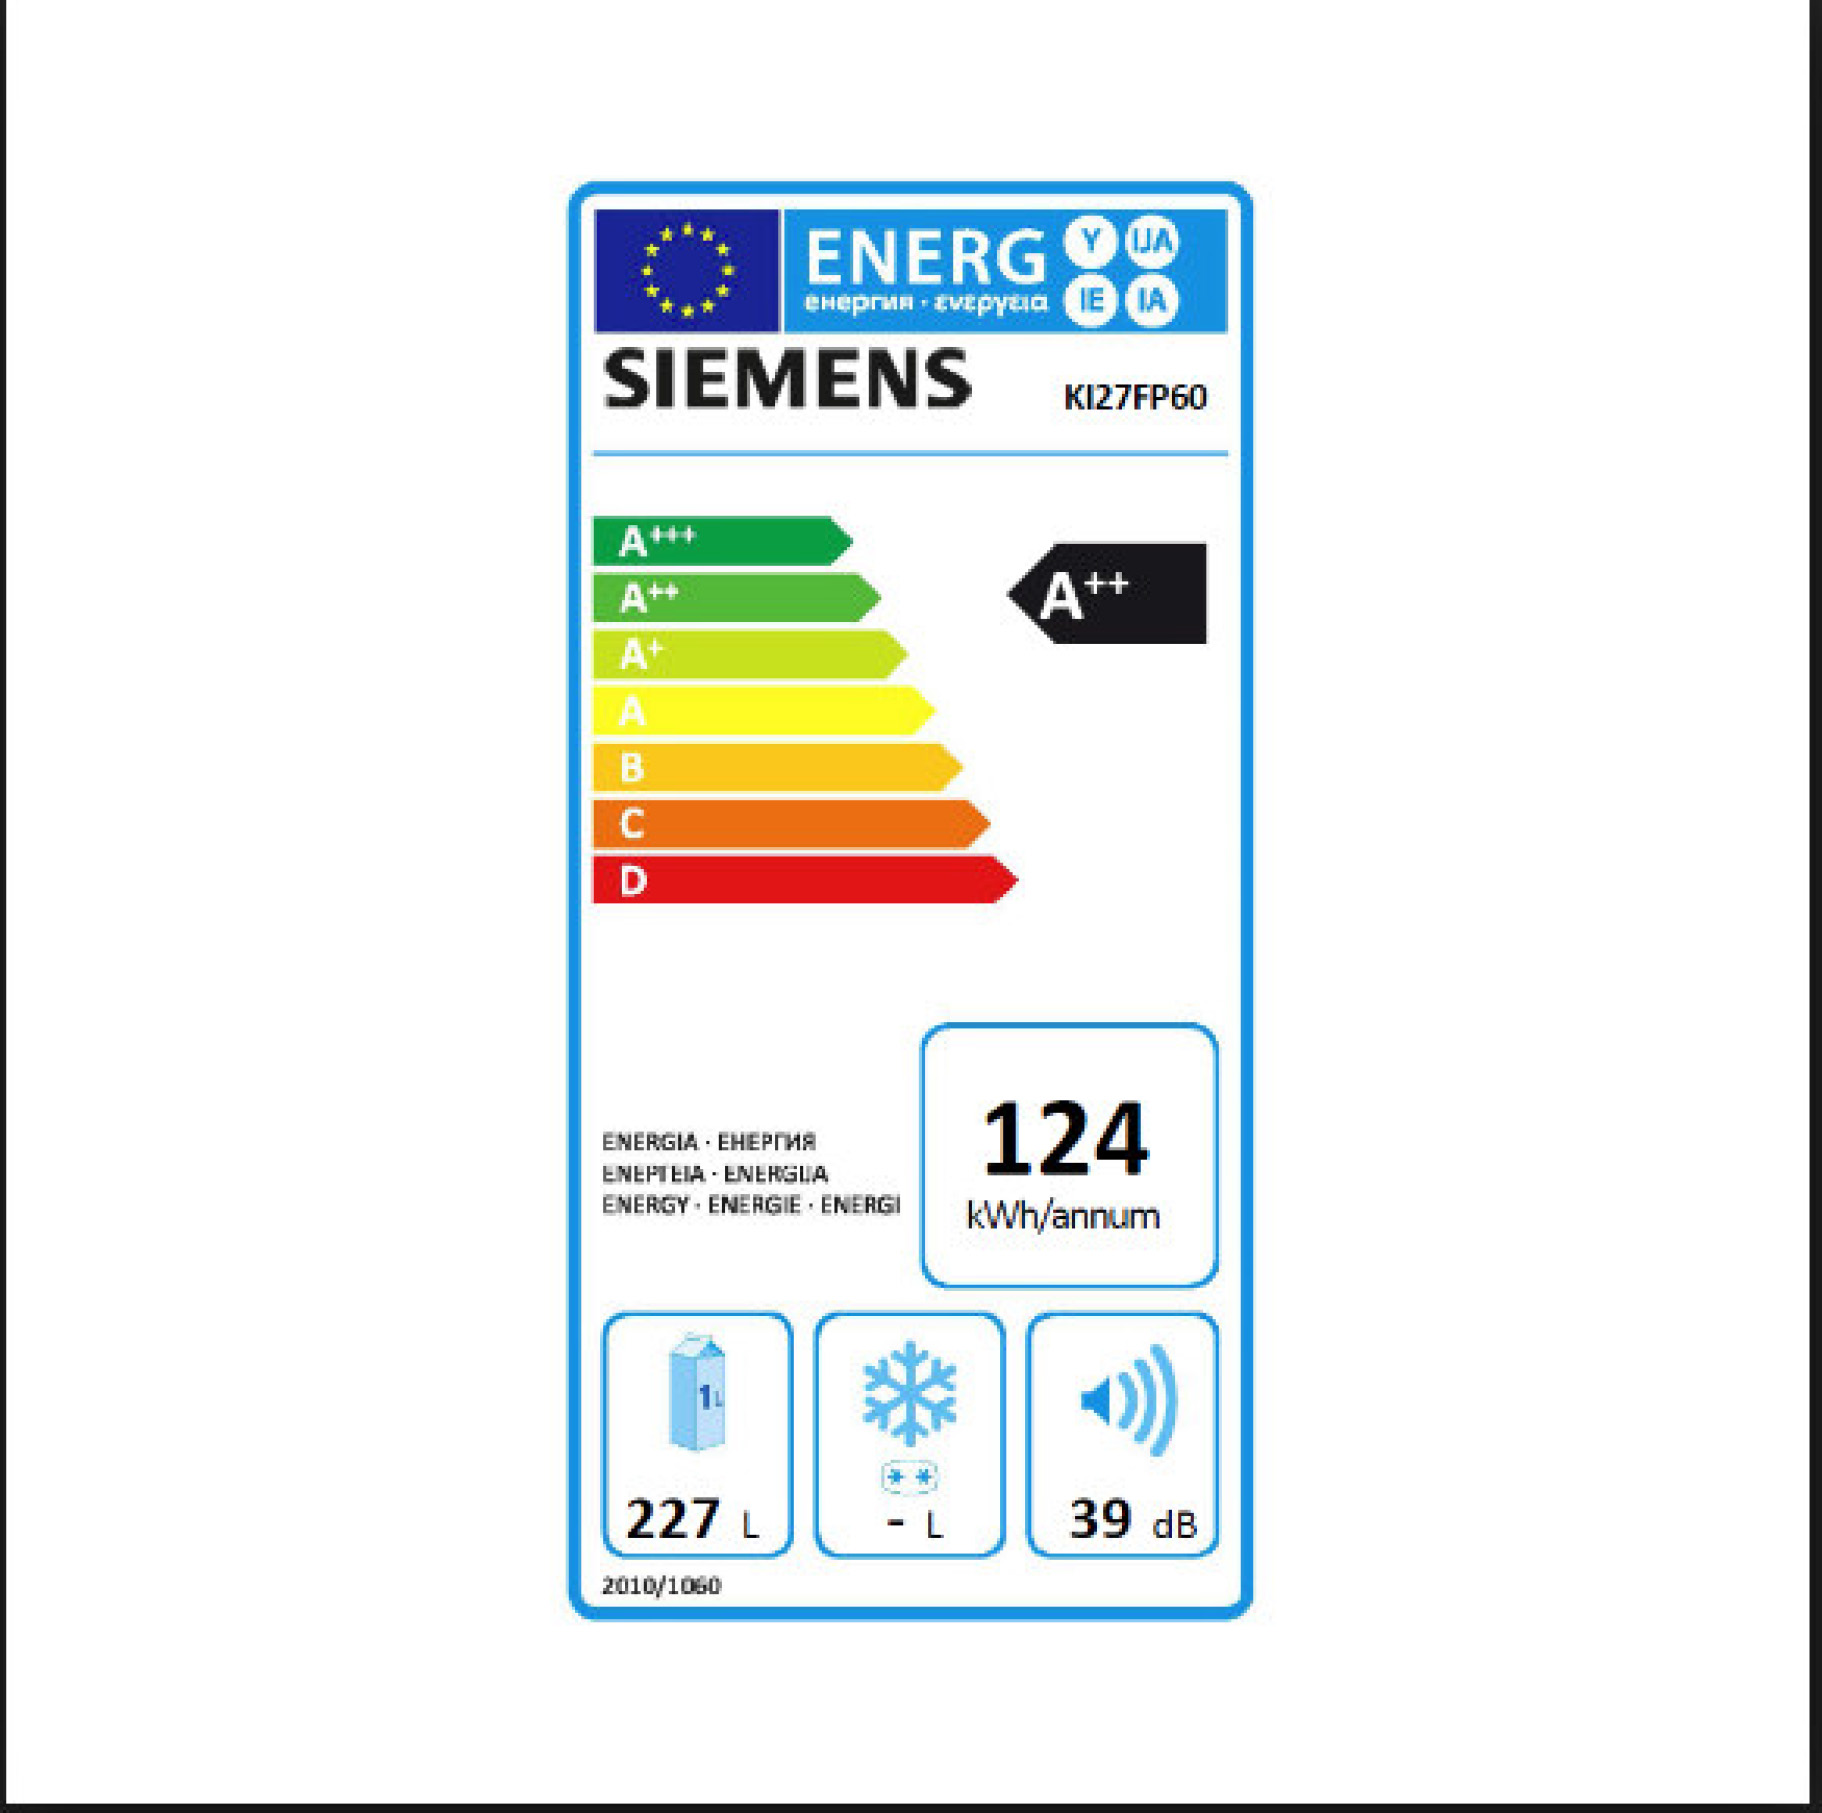 Siemens Energielabel KI127fp60